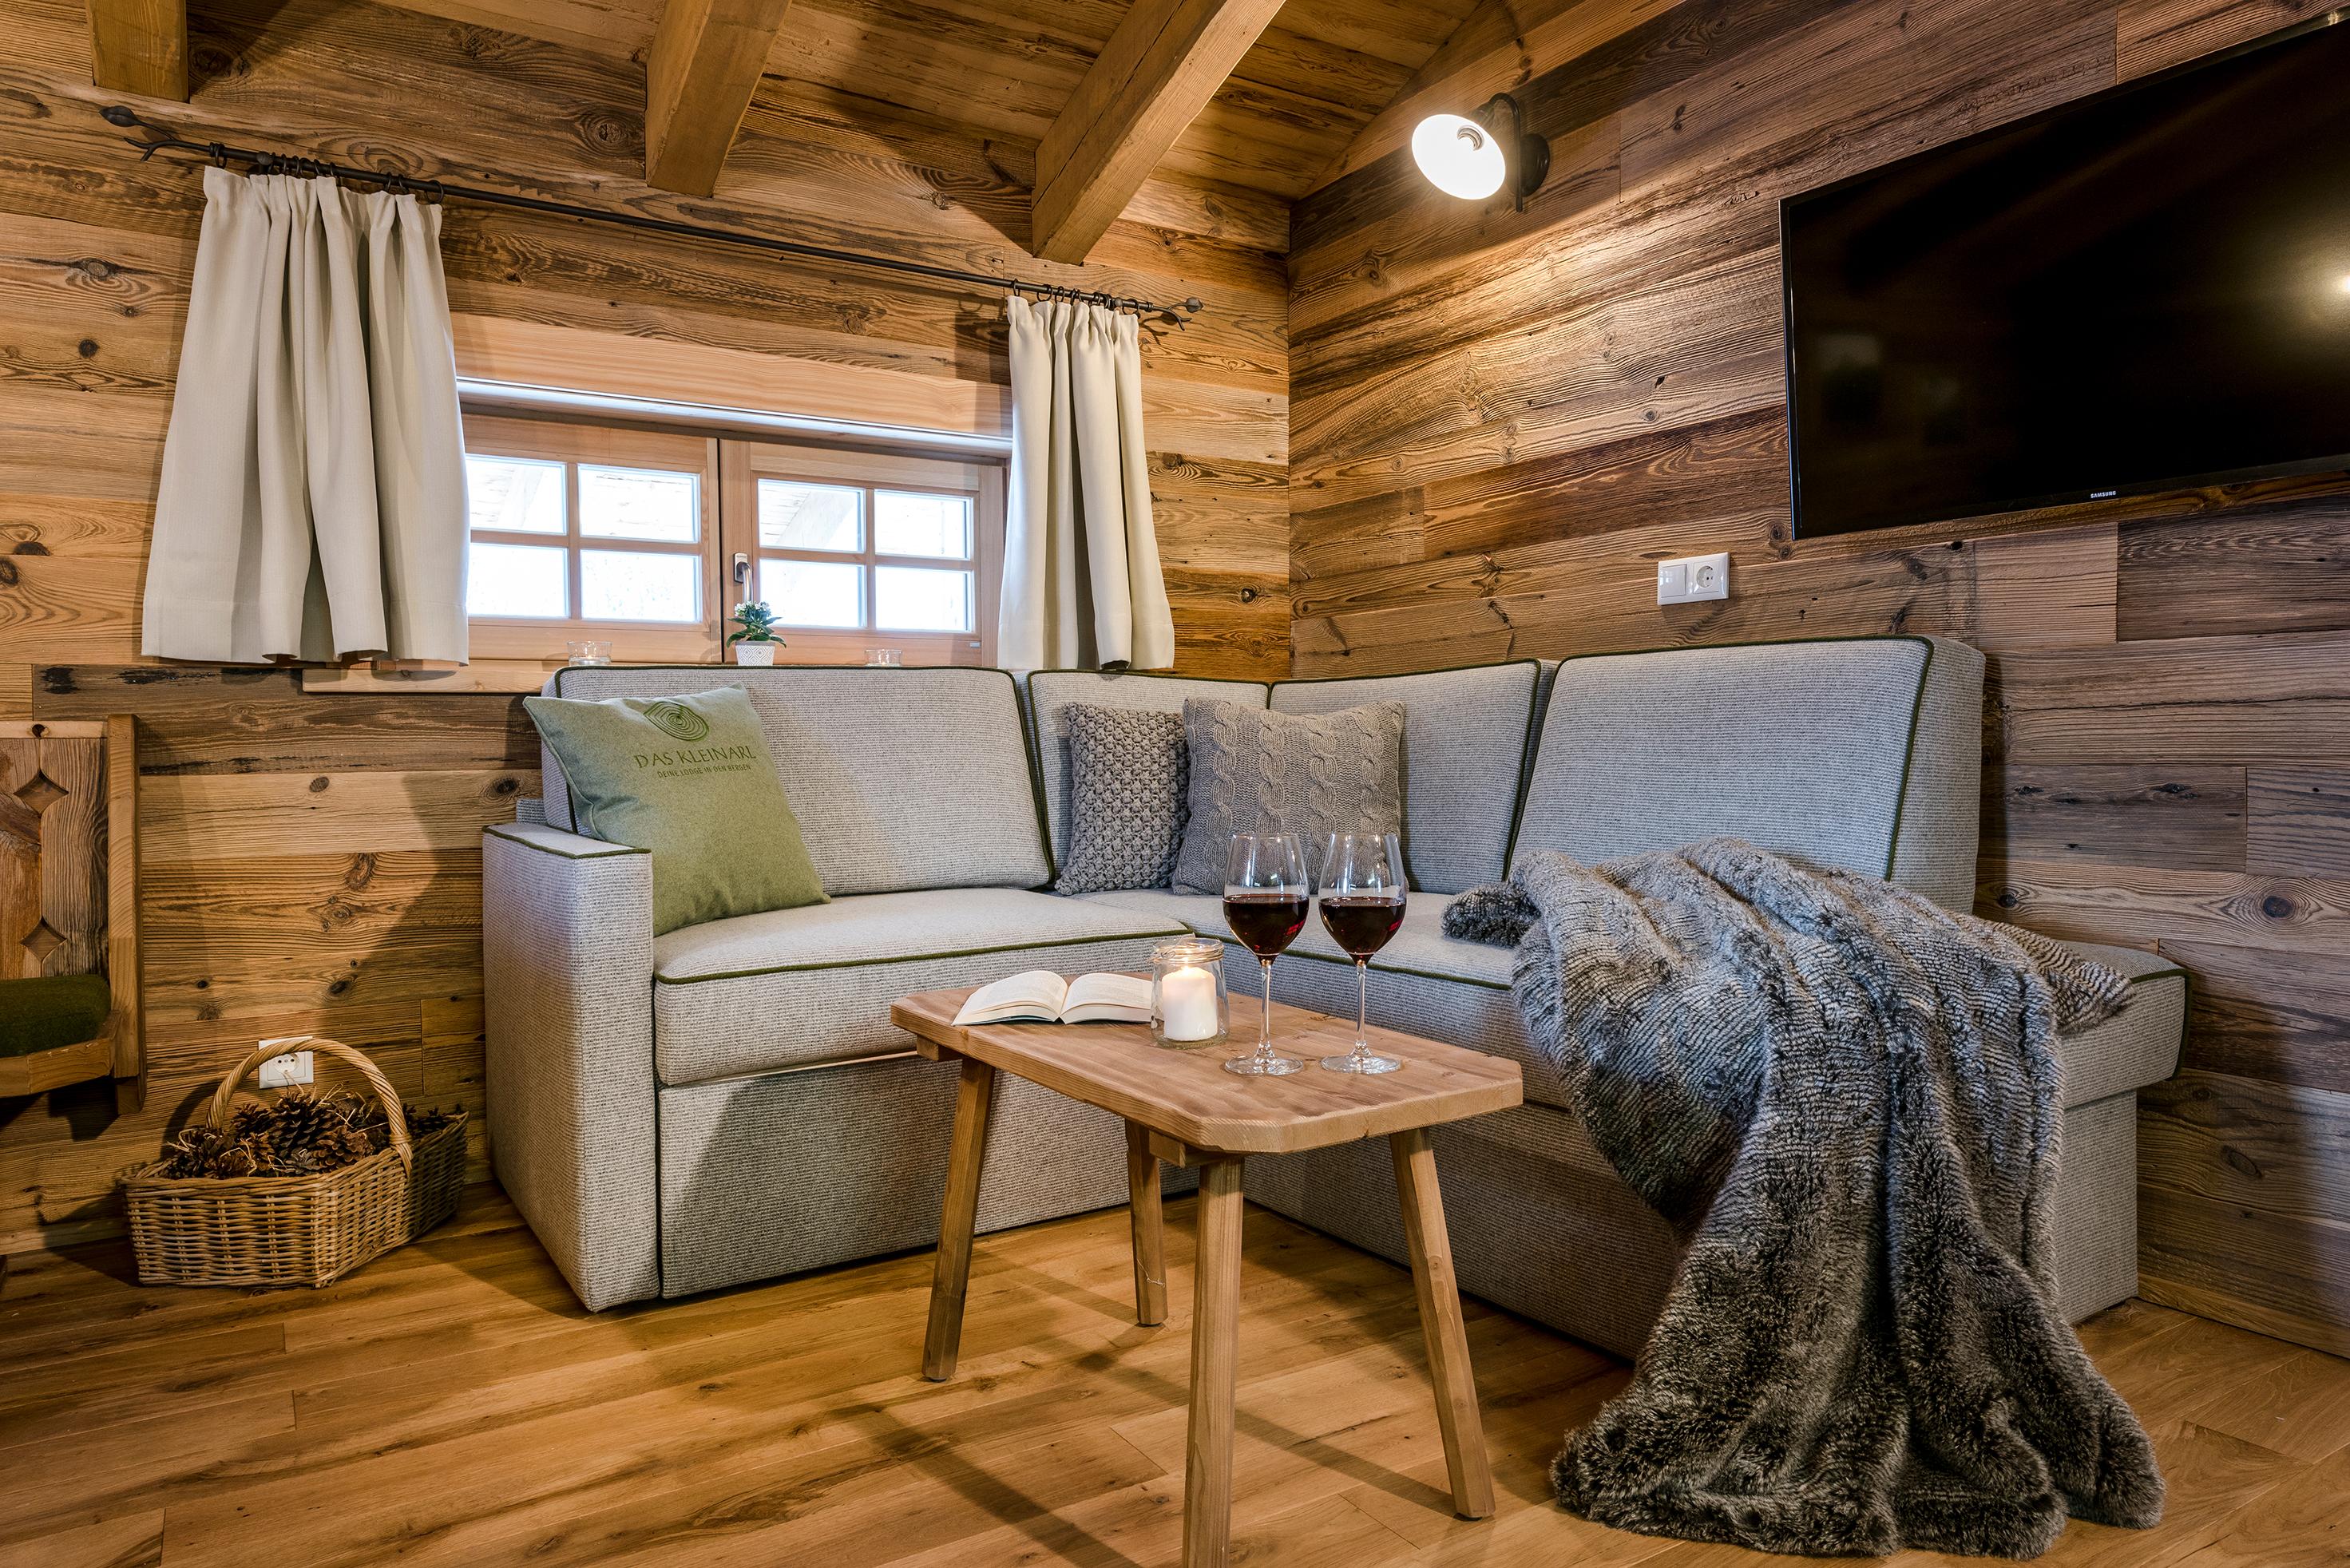 Lädt zum Verweilen ein - die gemütliche Couch in der Lodge Ennskrax